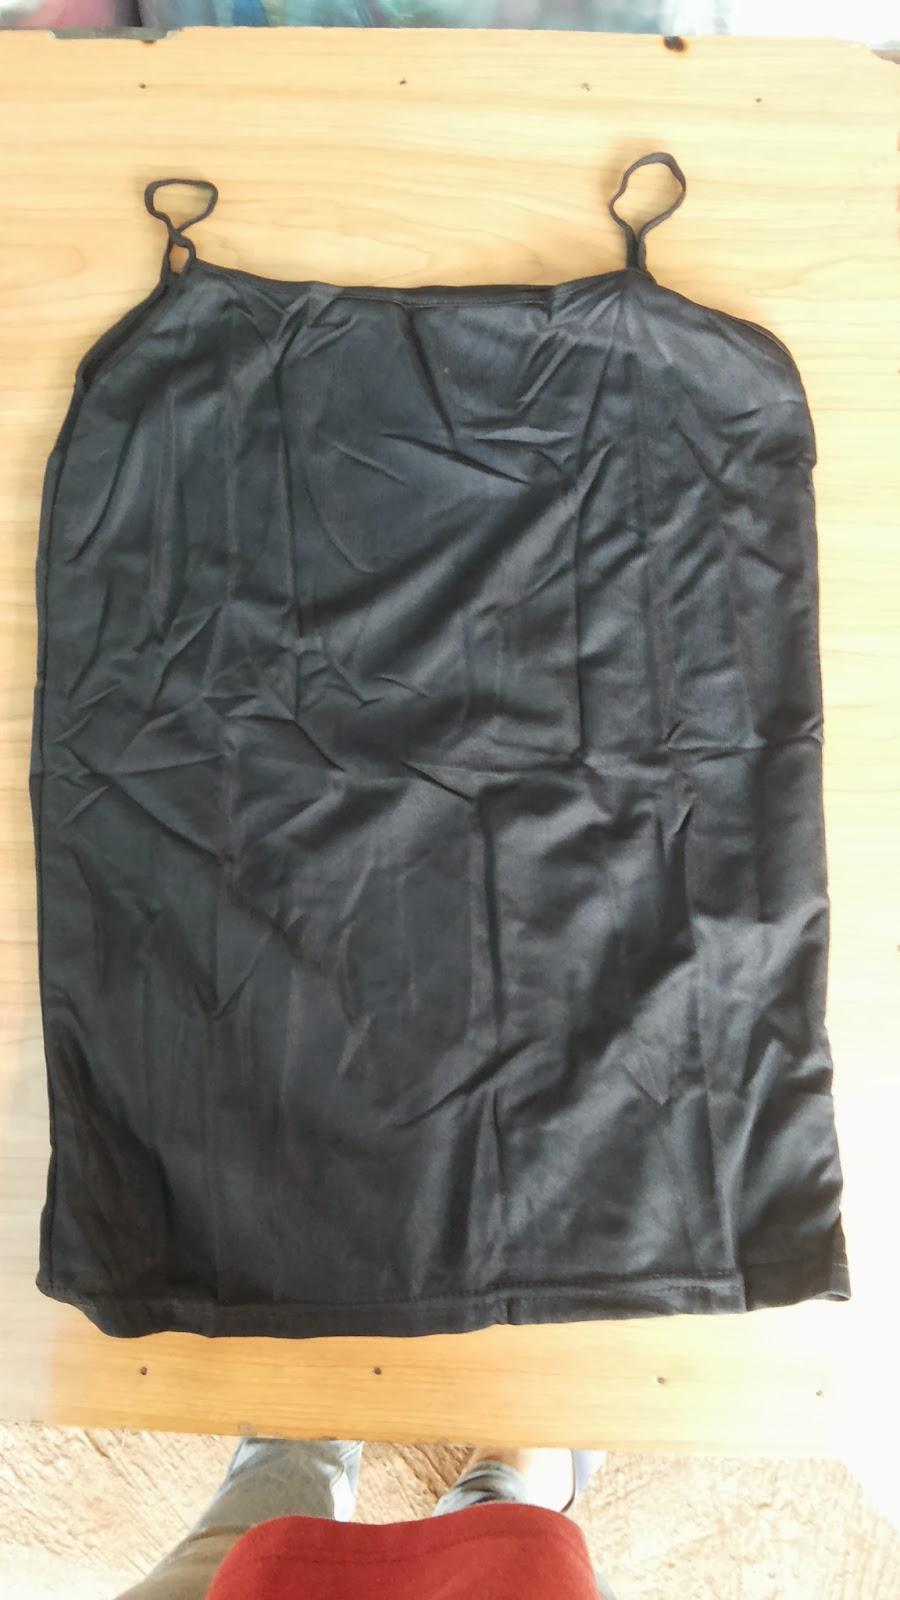 Lelangan 30 Oktober Baju Kantau | Pusat Obral Grosir Baju Anak 5000 ...